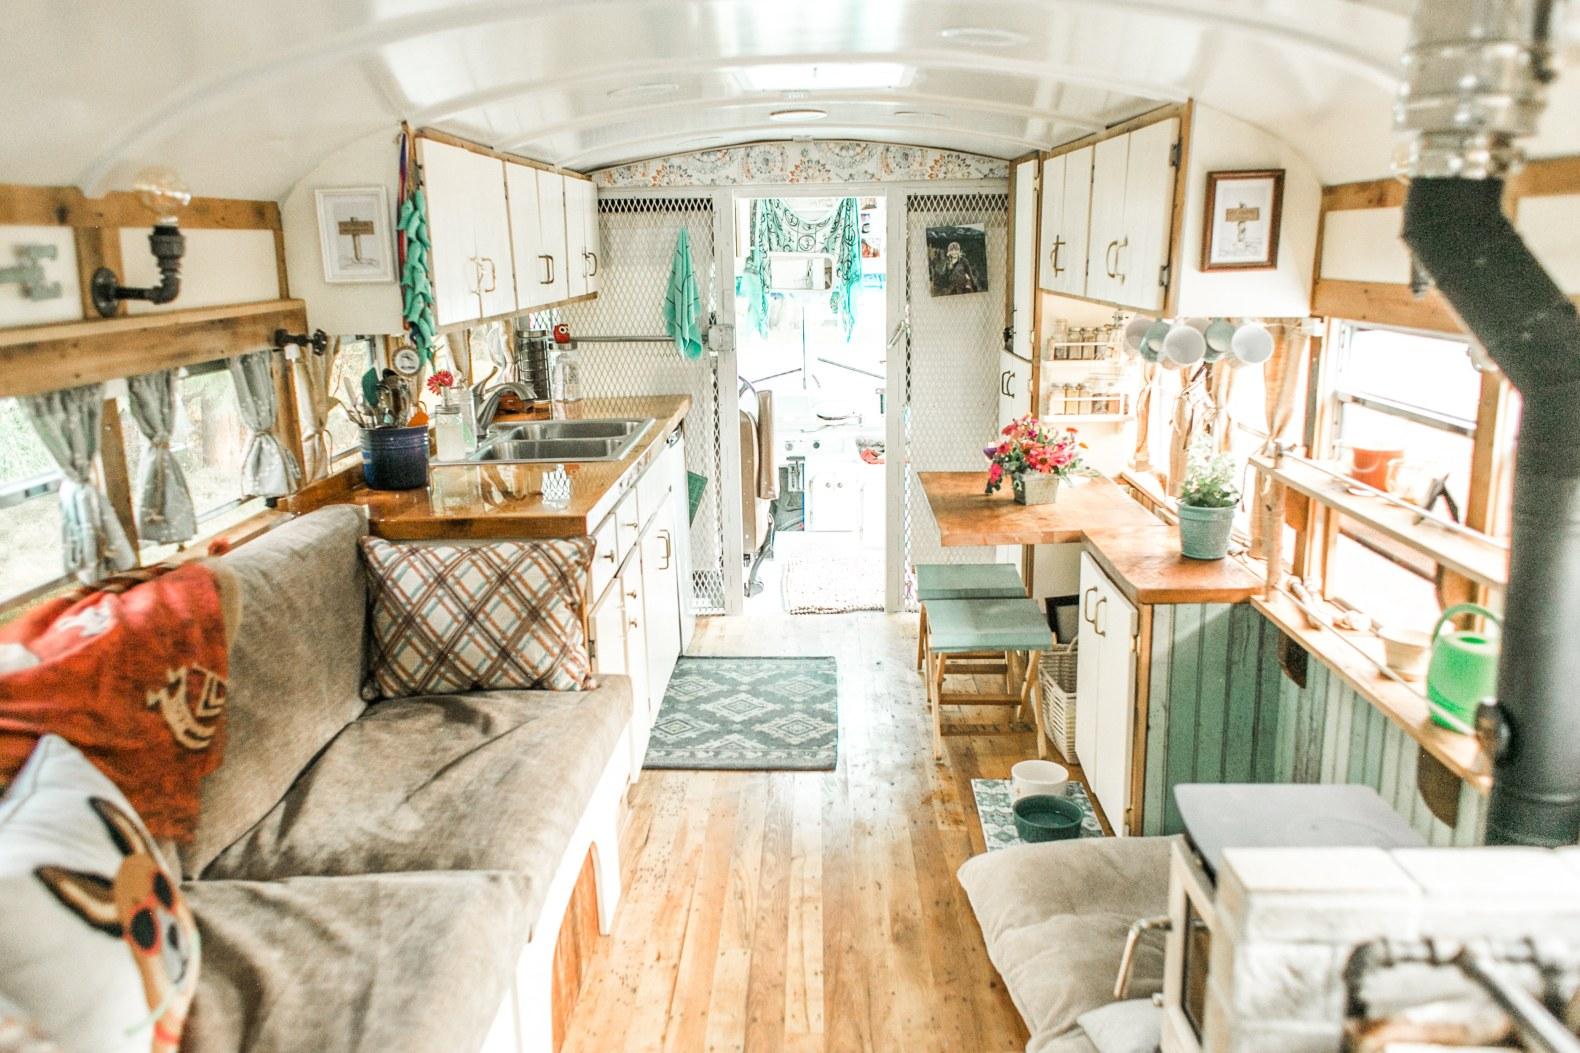 Autobuses para vivir - Autobuses para vivir